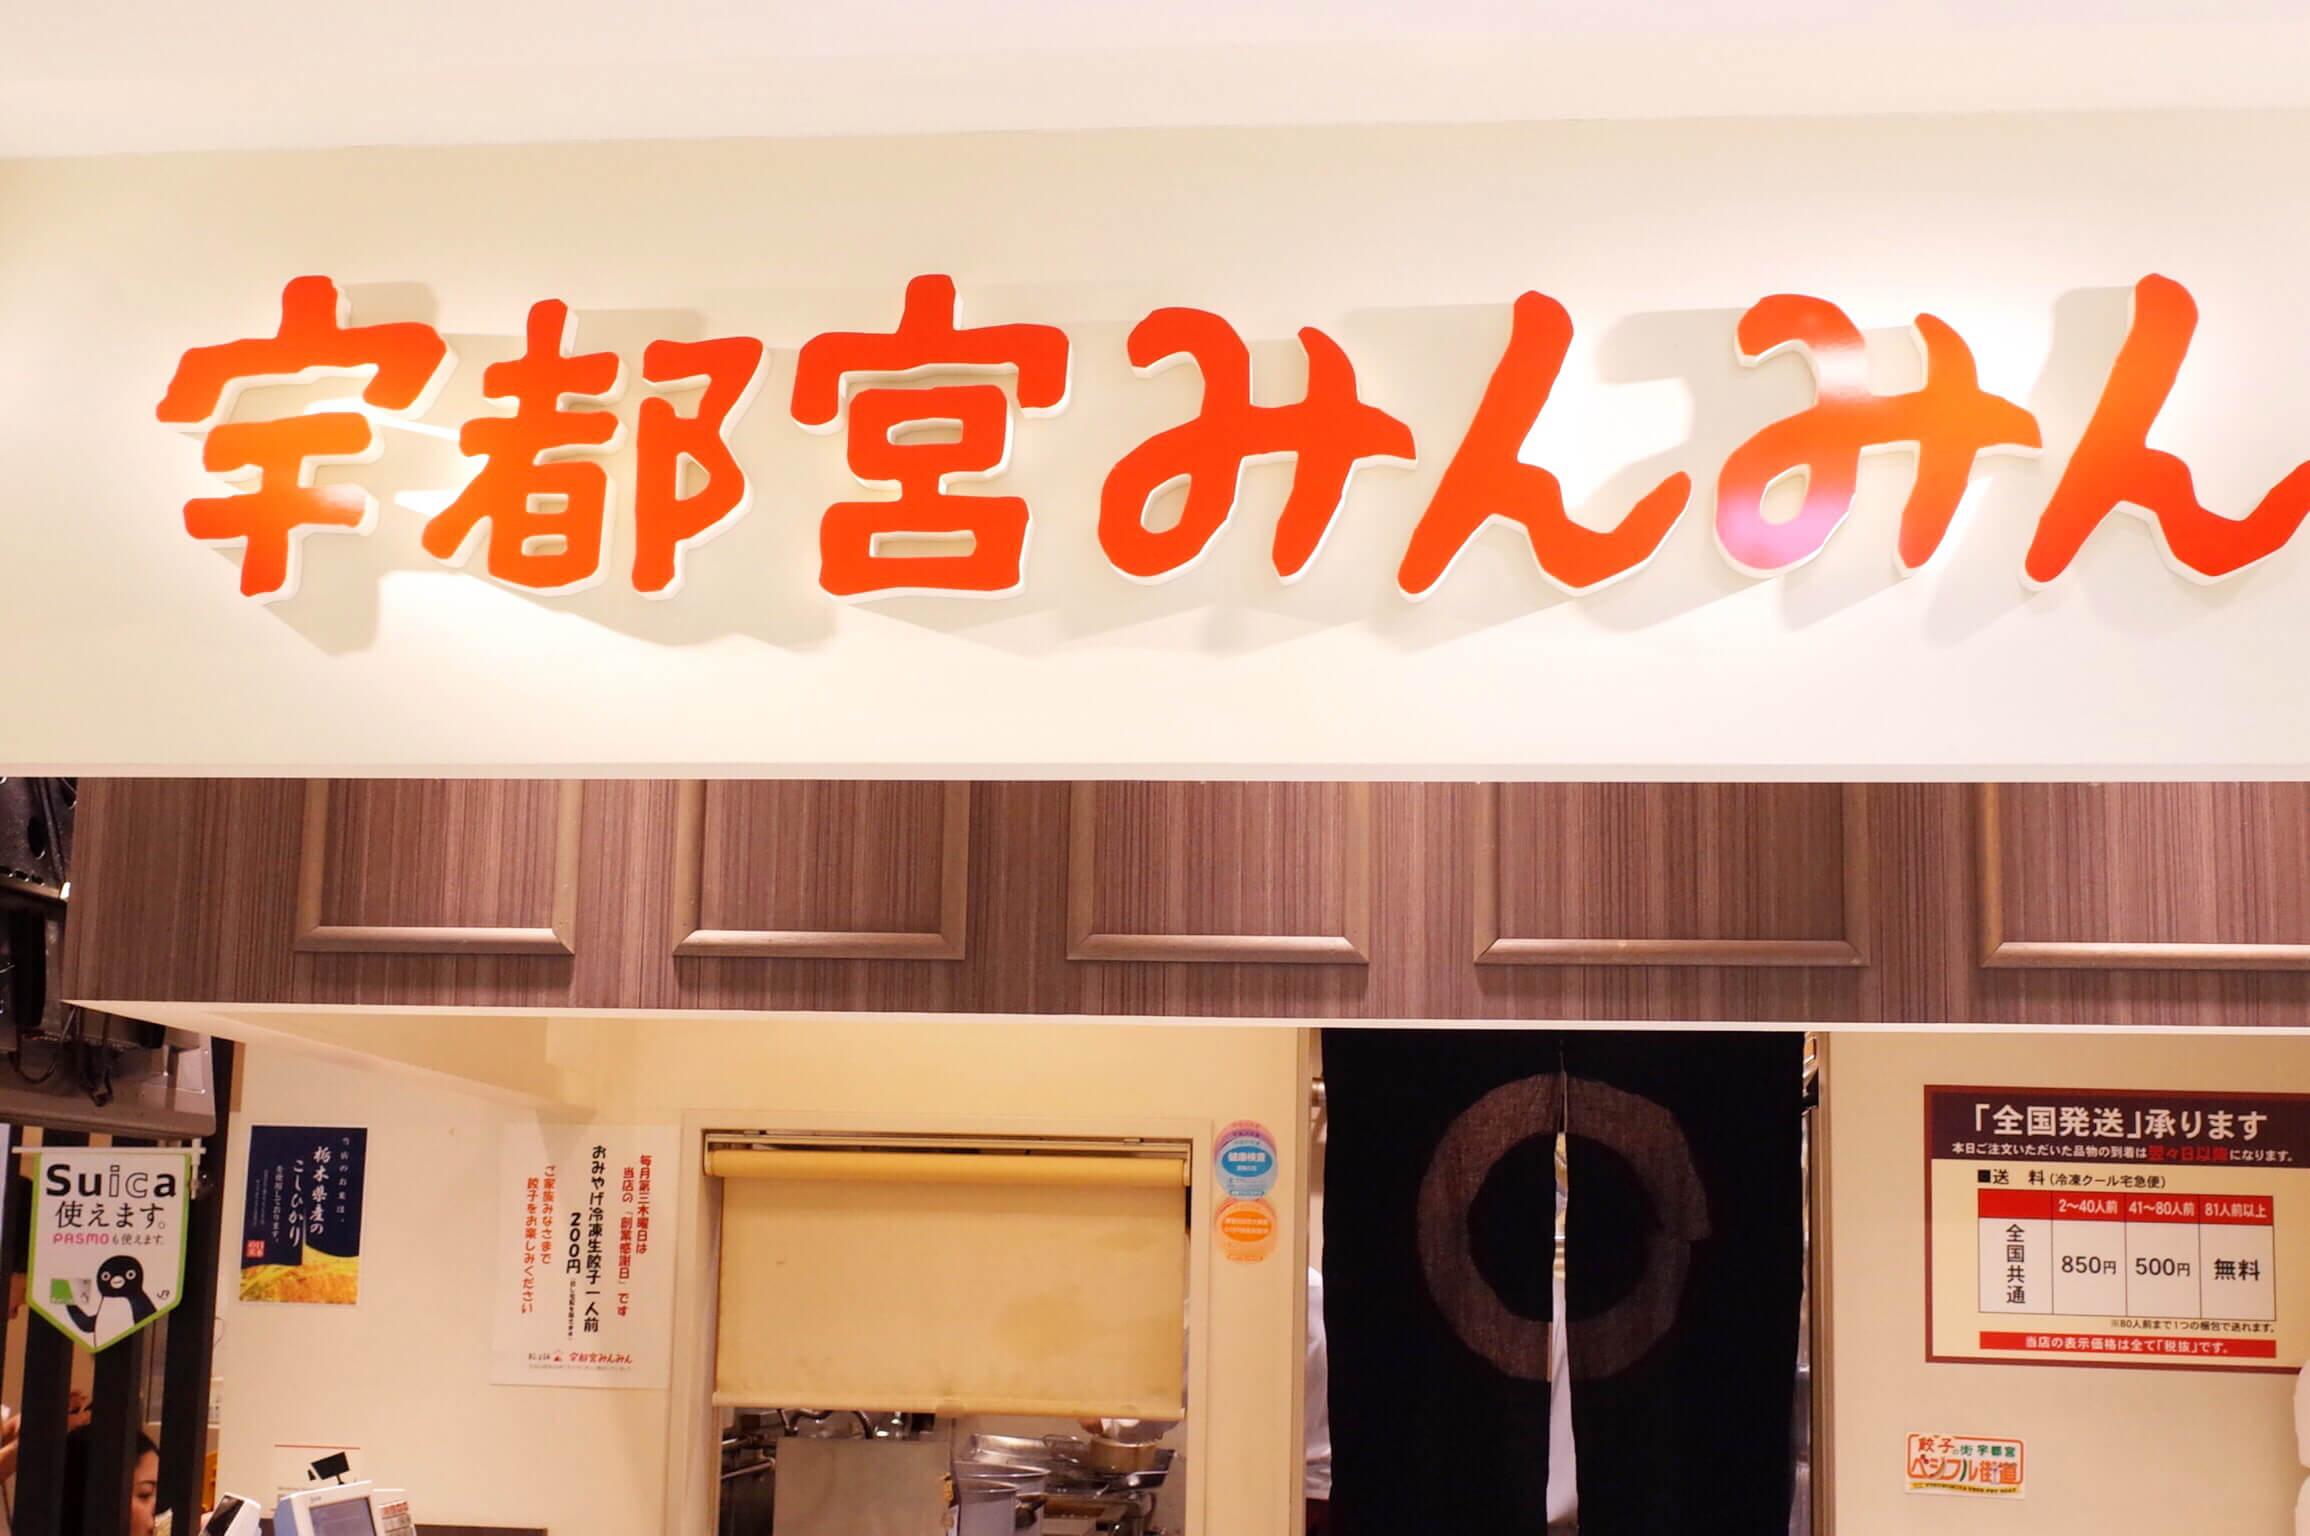 宇都宮駅の餃子屋 50分間で3軒をはしご 時間がなくてもあきらめないで!